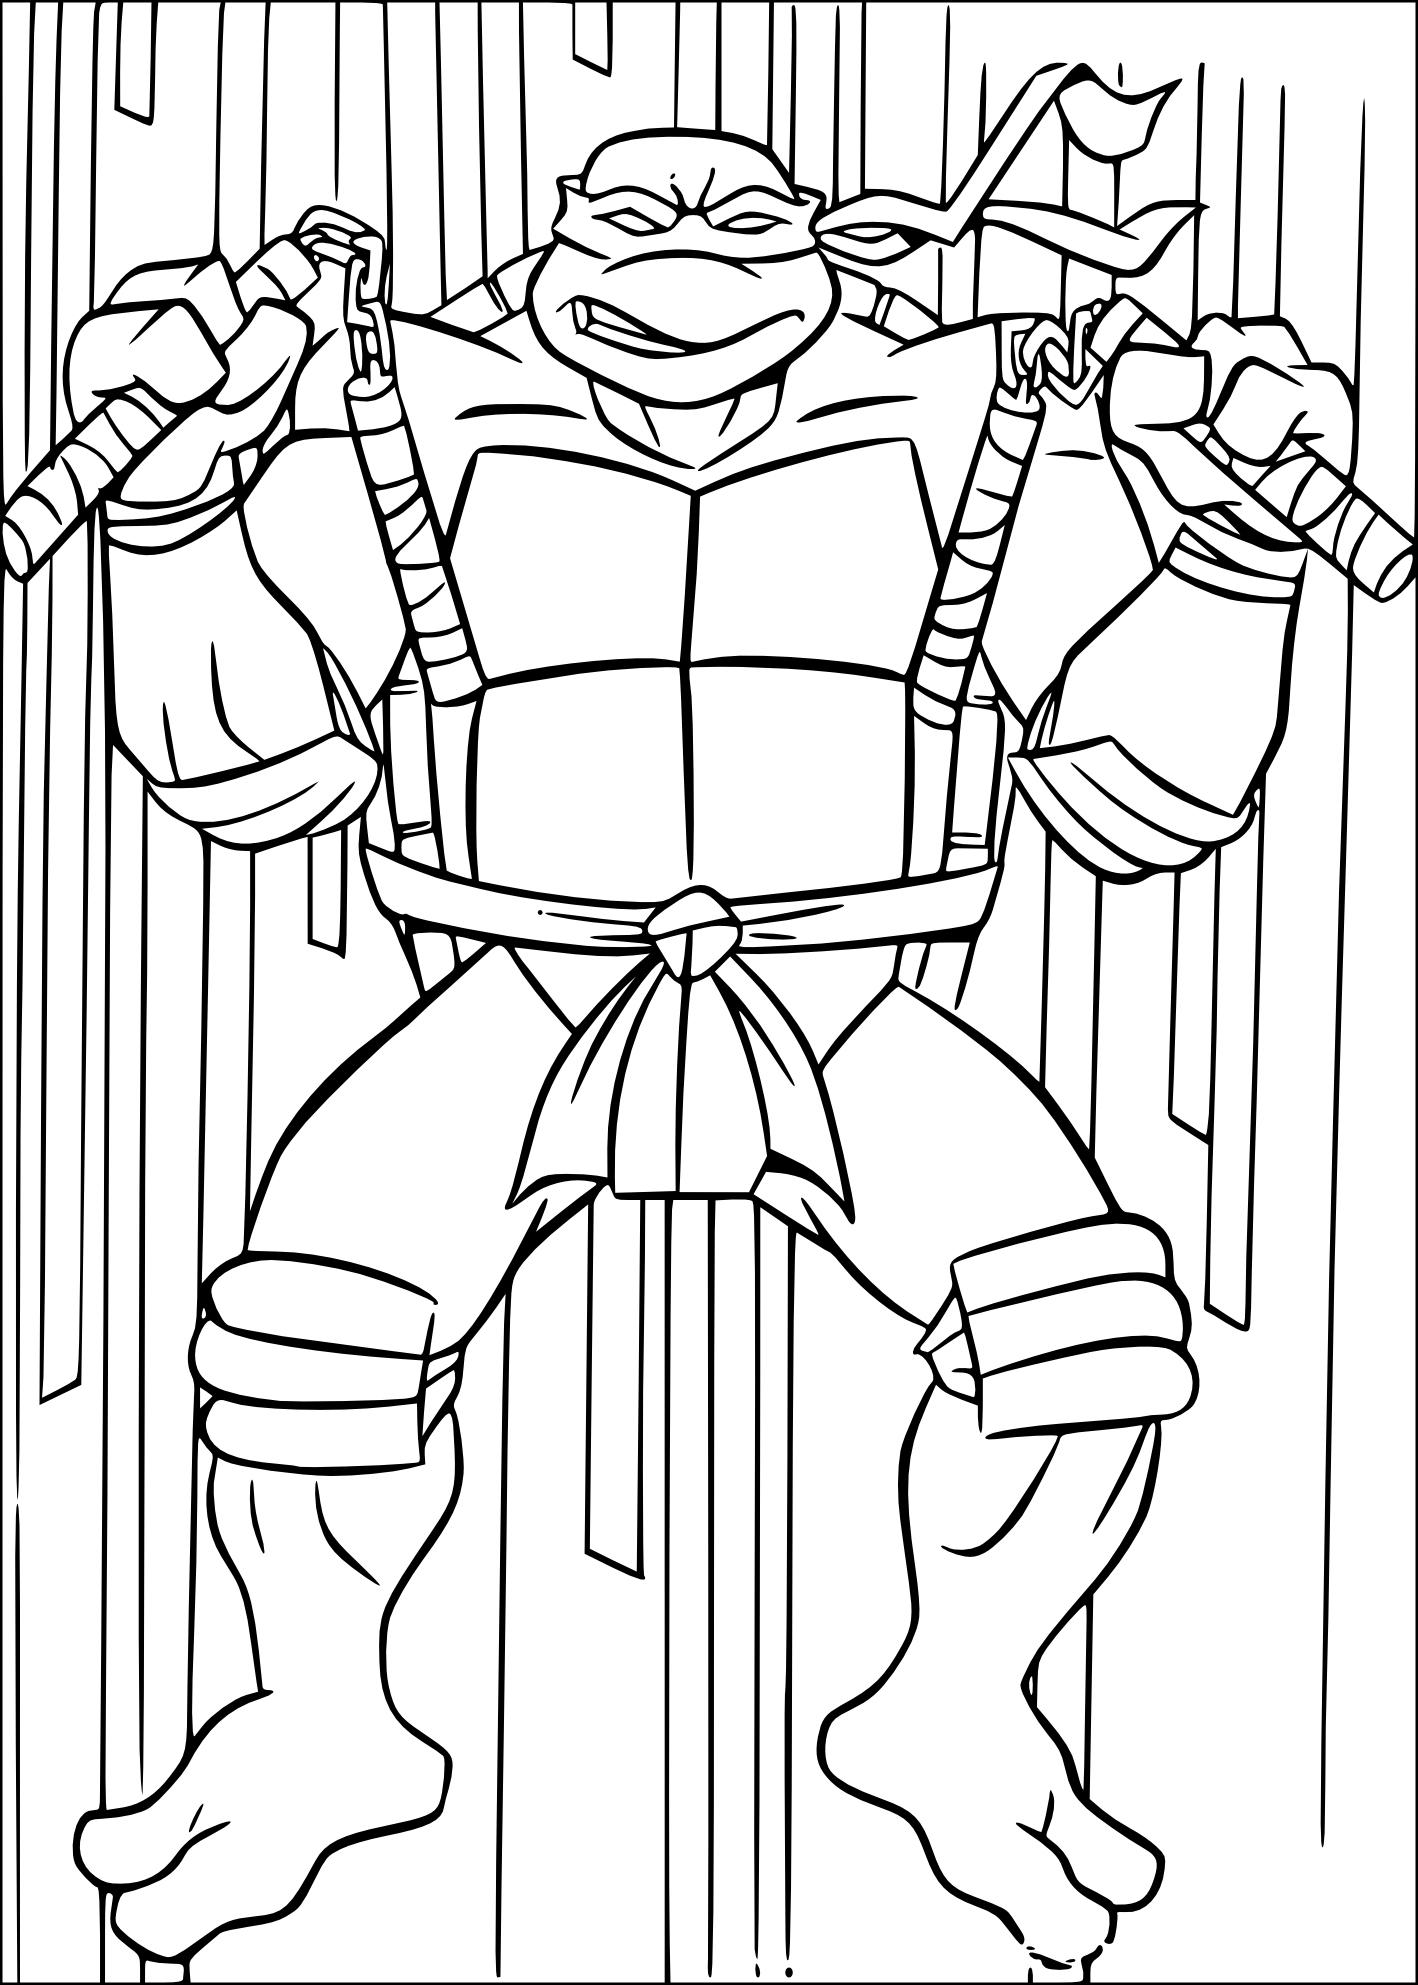 Coloriage De Tortue Ninja Michelangelo À Imprimer Sur destiné Dessin De Tortue Ninja